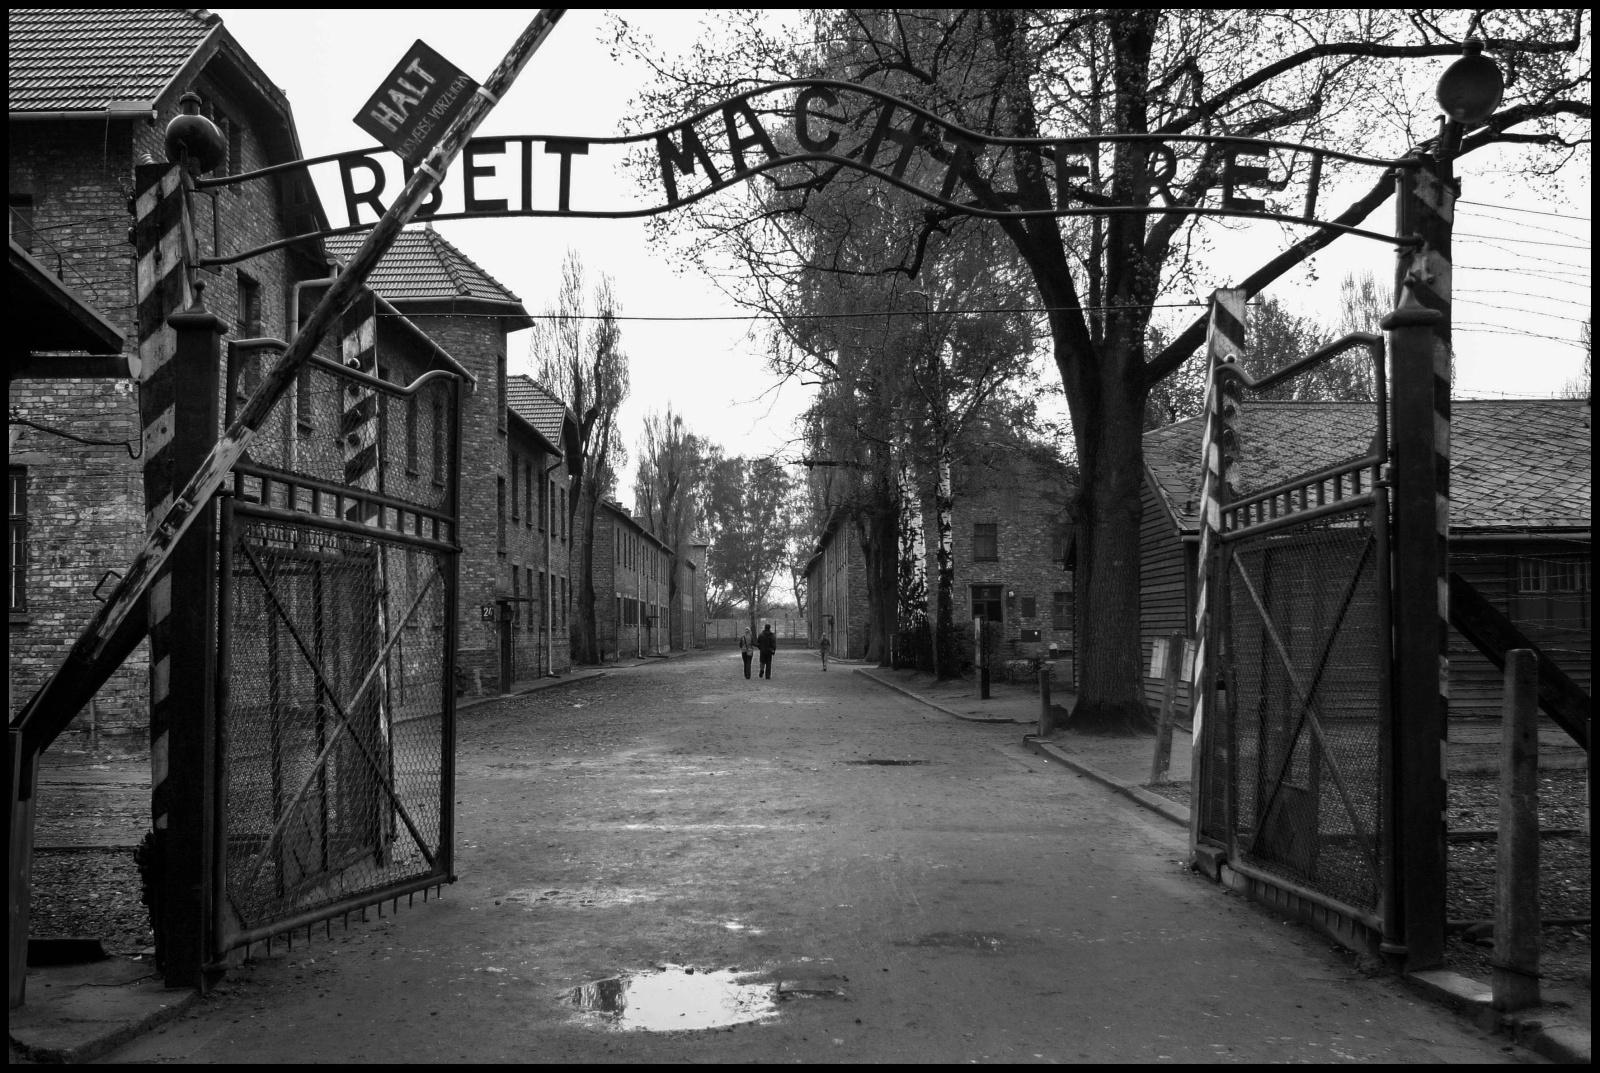 """Ilcampo di concentramento di Auschwitz fu reso operativo dal 14 giugno1940 ed è stato un vasto complesso di campi di concentramento e di lavoro situato nelle vicinanze della cittadinapolaccadiOświęcim dove morirono  circa 70000 persone. L'entrata al lager di Auschwitz dove padroneggia la scritta: """"Il lavoro rende gli uomini liberi"""""""